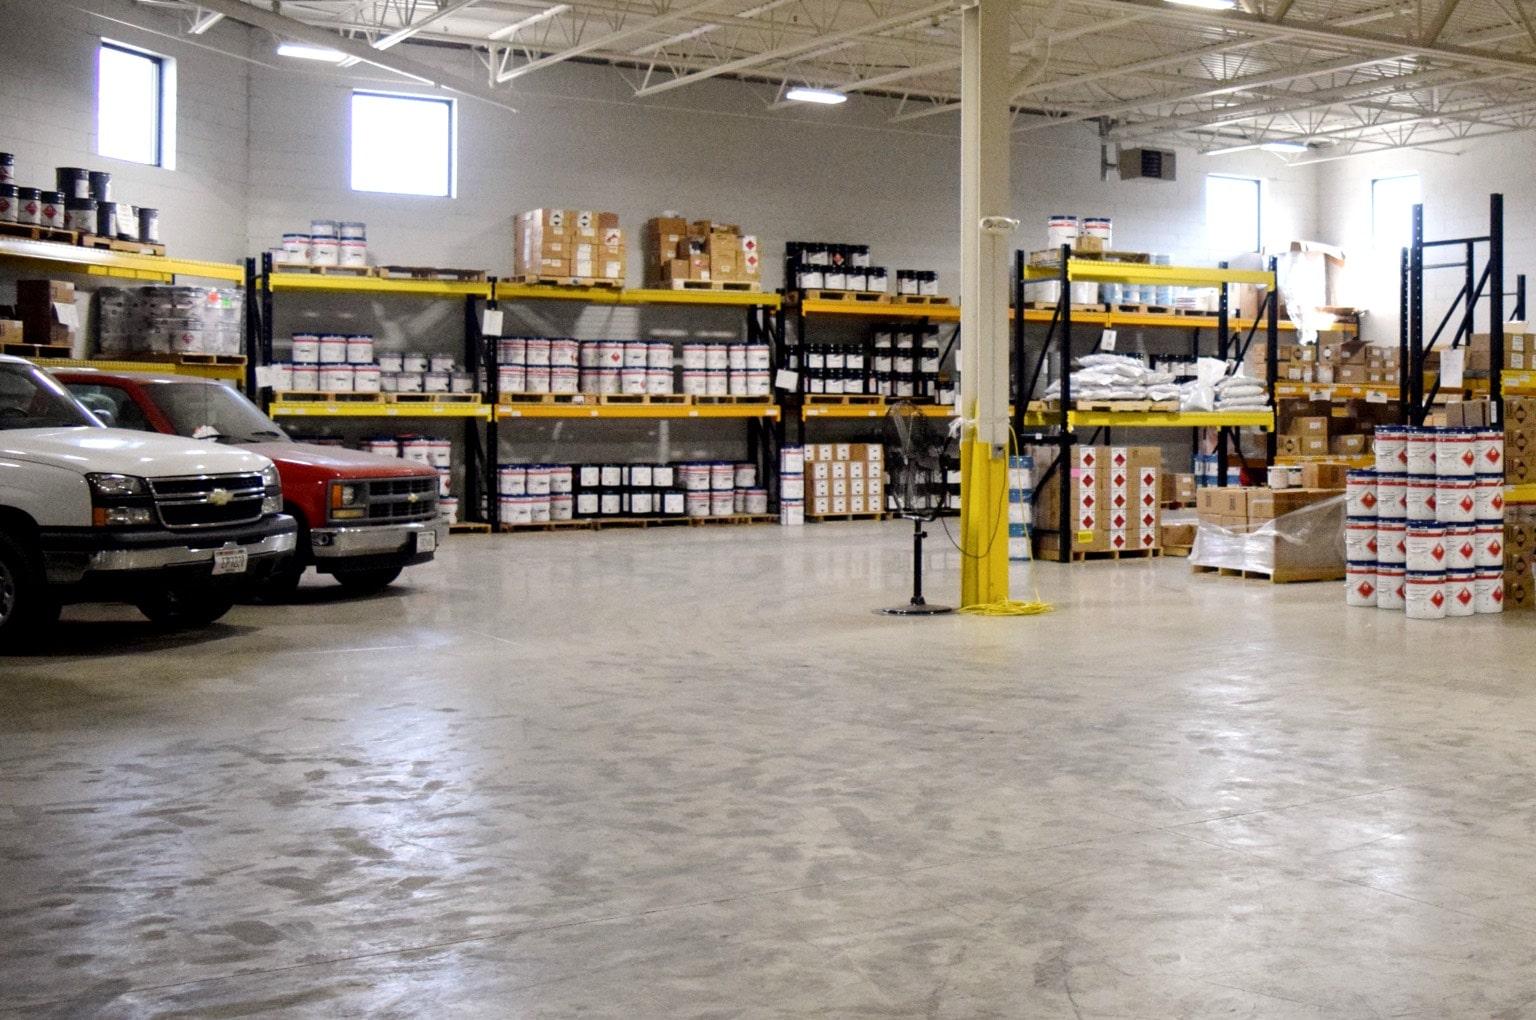 coating warehouse